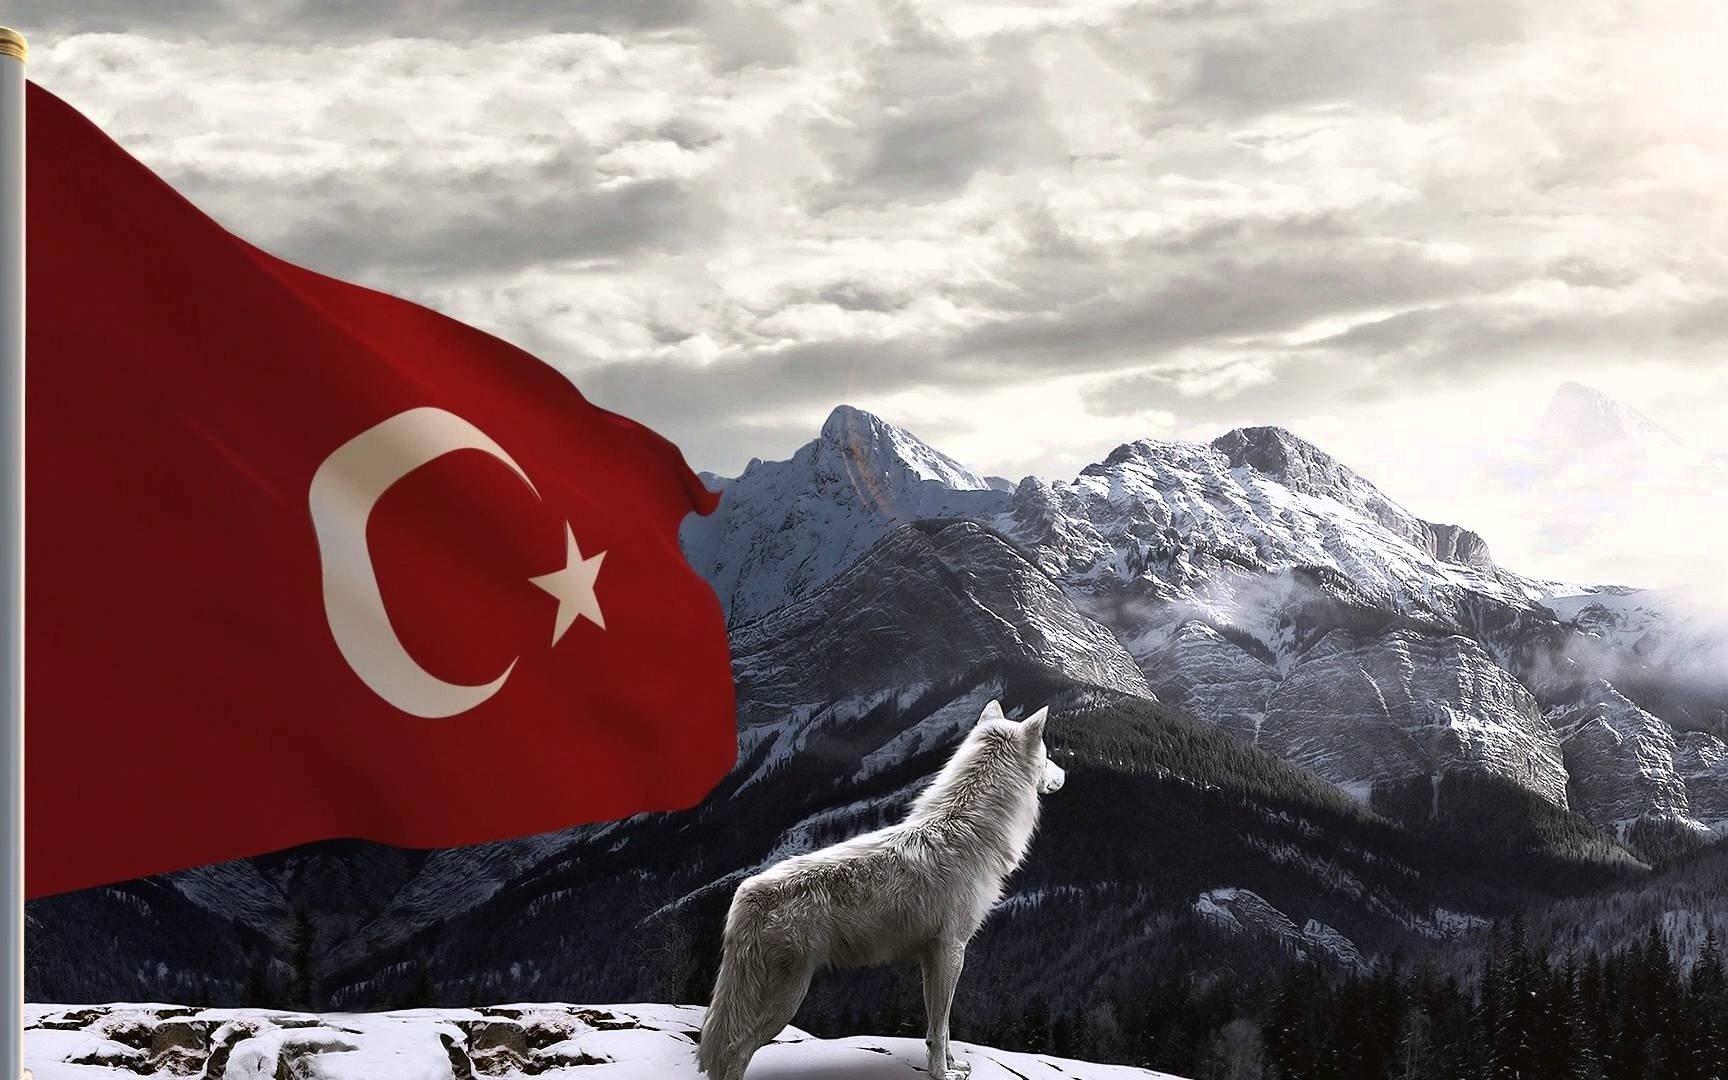 Masaüstü 1728x1080 Piksel Bozkurt Türkiye Türk Kurt 1728x1080